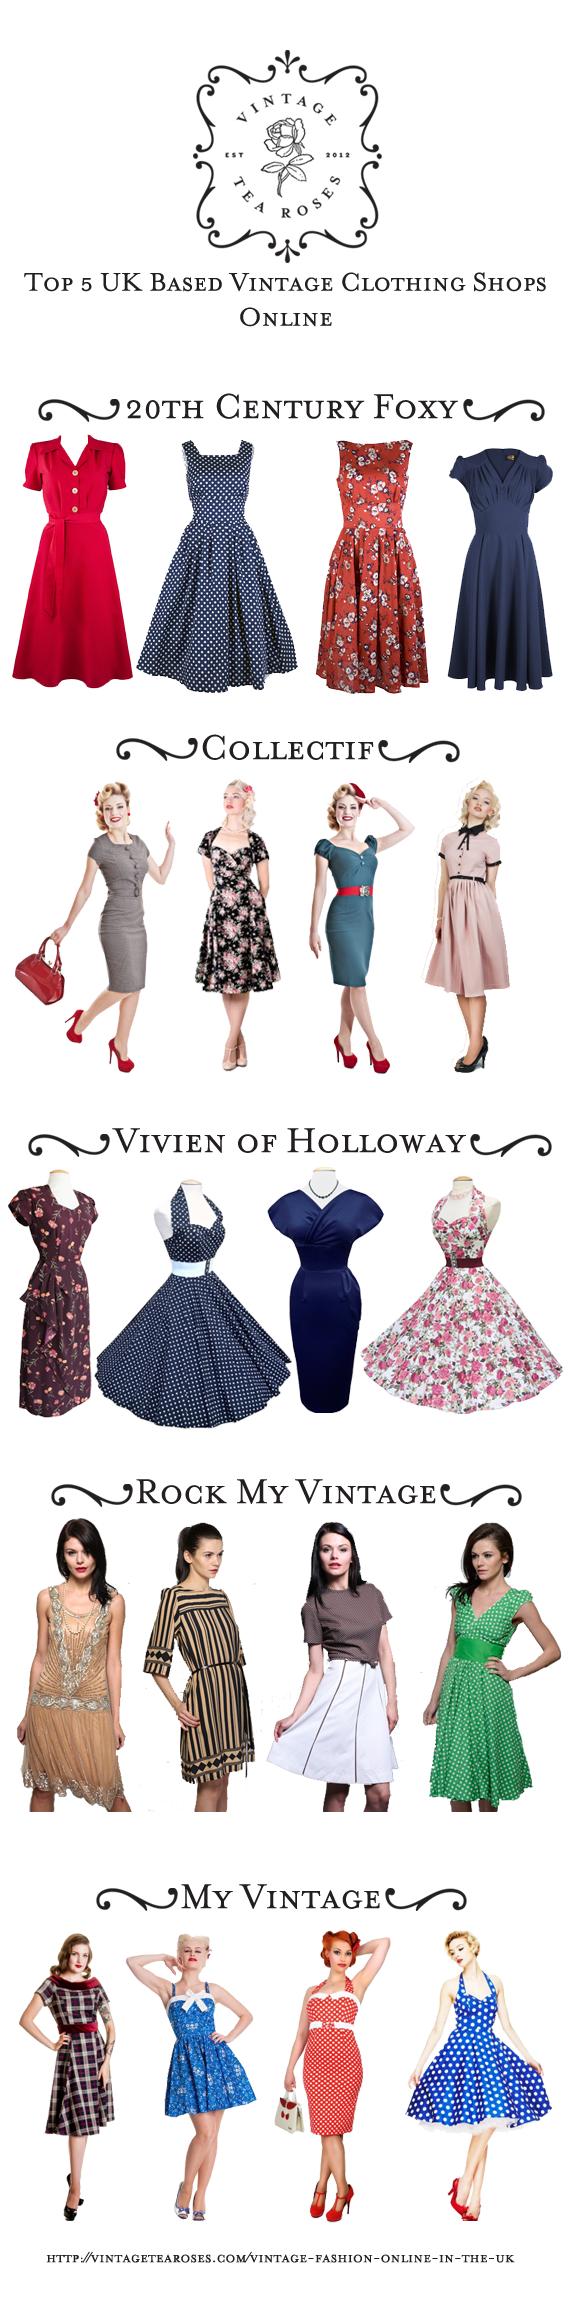 17 mejores imágenes sobre Decade\'s 1950s en Pinterest | Patrones de ...